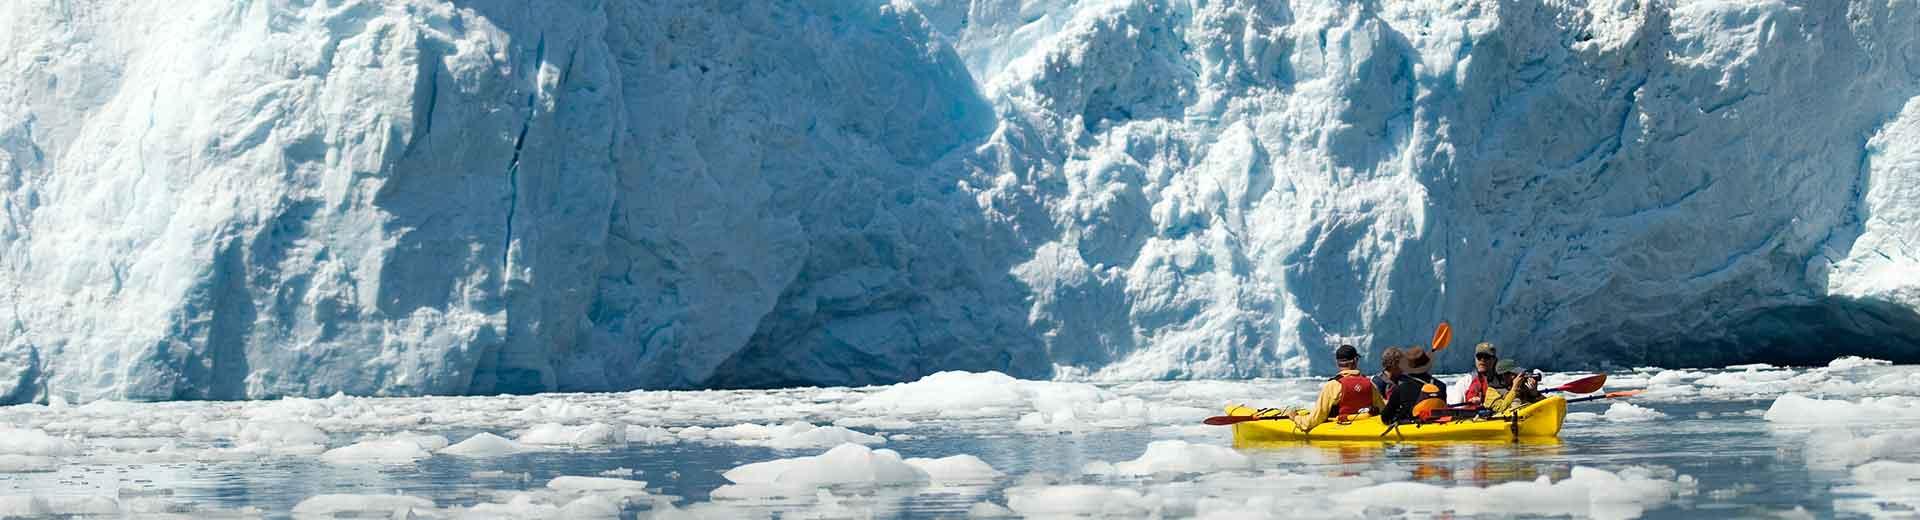 Kayakers in Kenai Fjords National Park in Alaska